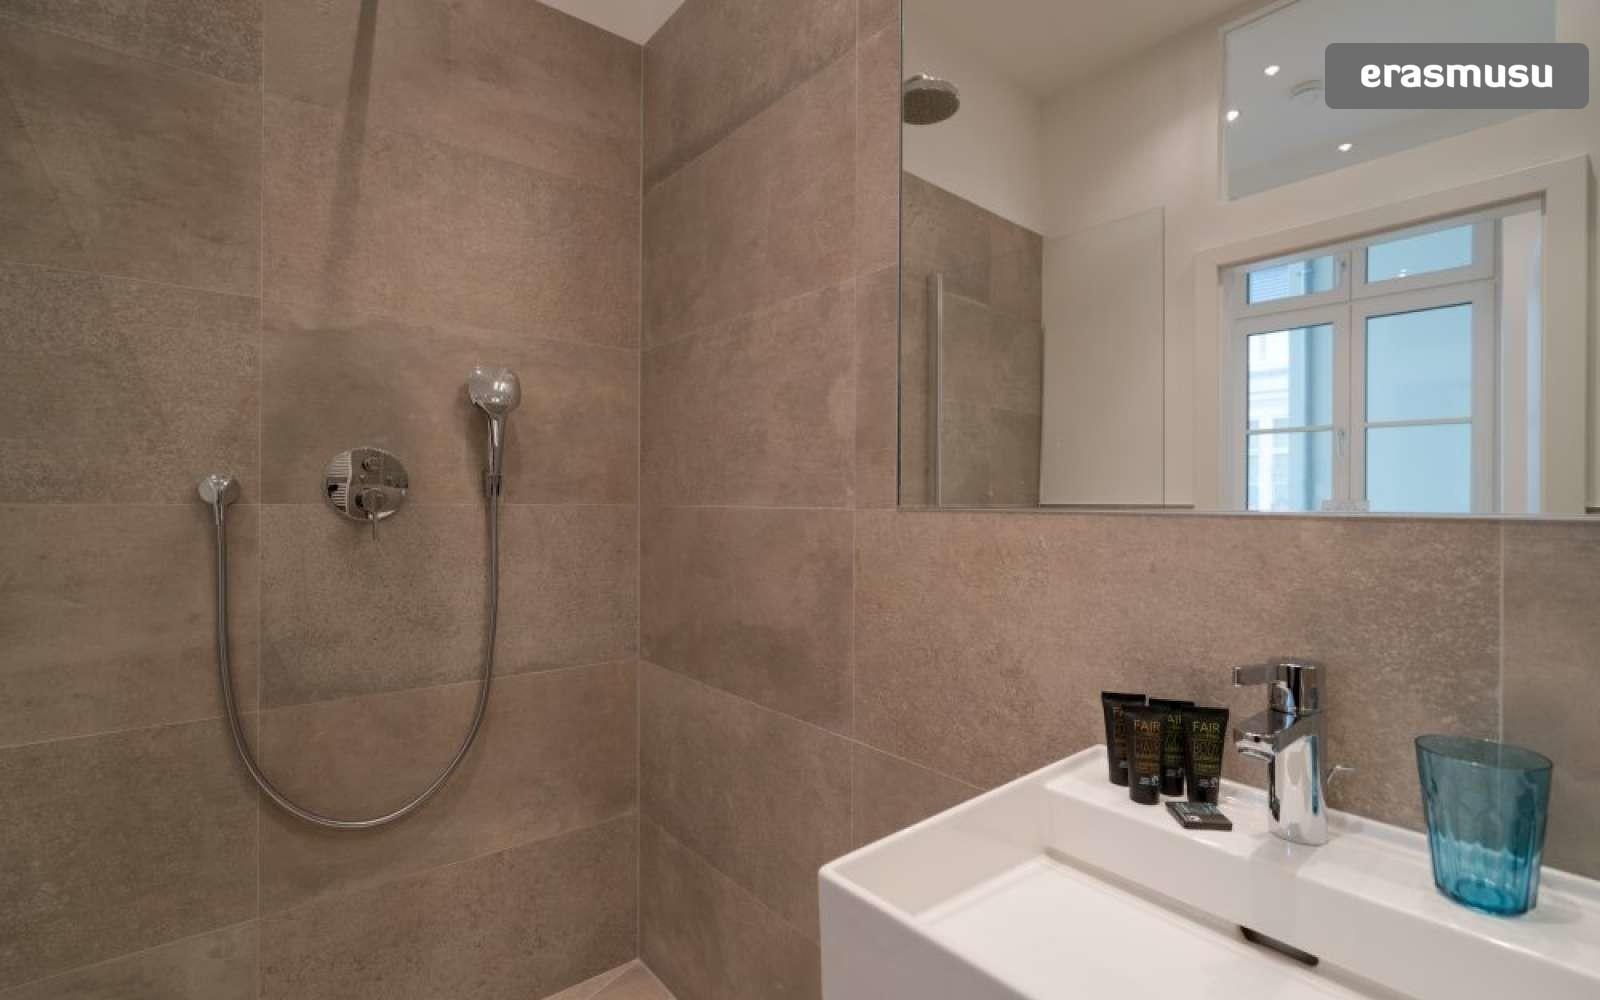 studio-apartment-rent-landstrase-aa608e87da846c3d8ee45f02fec0f7a